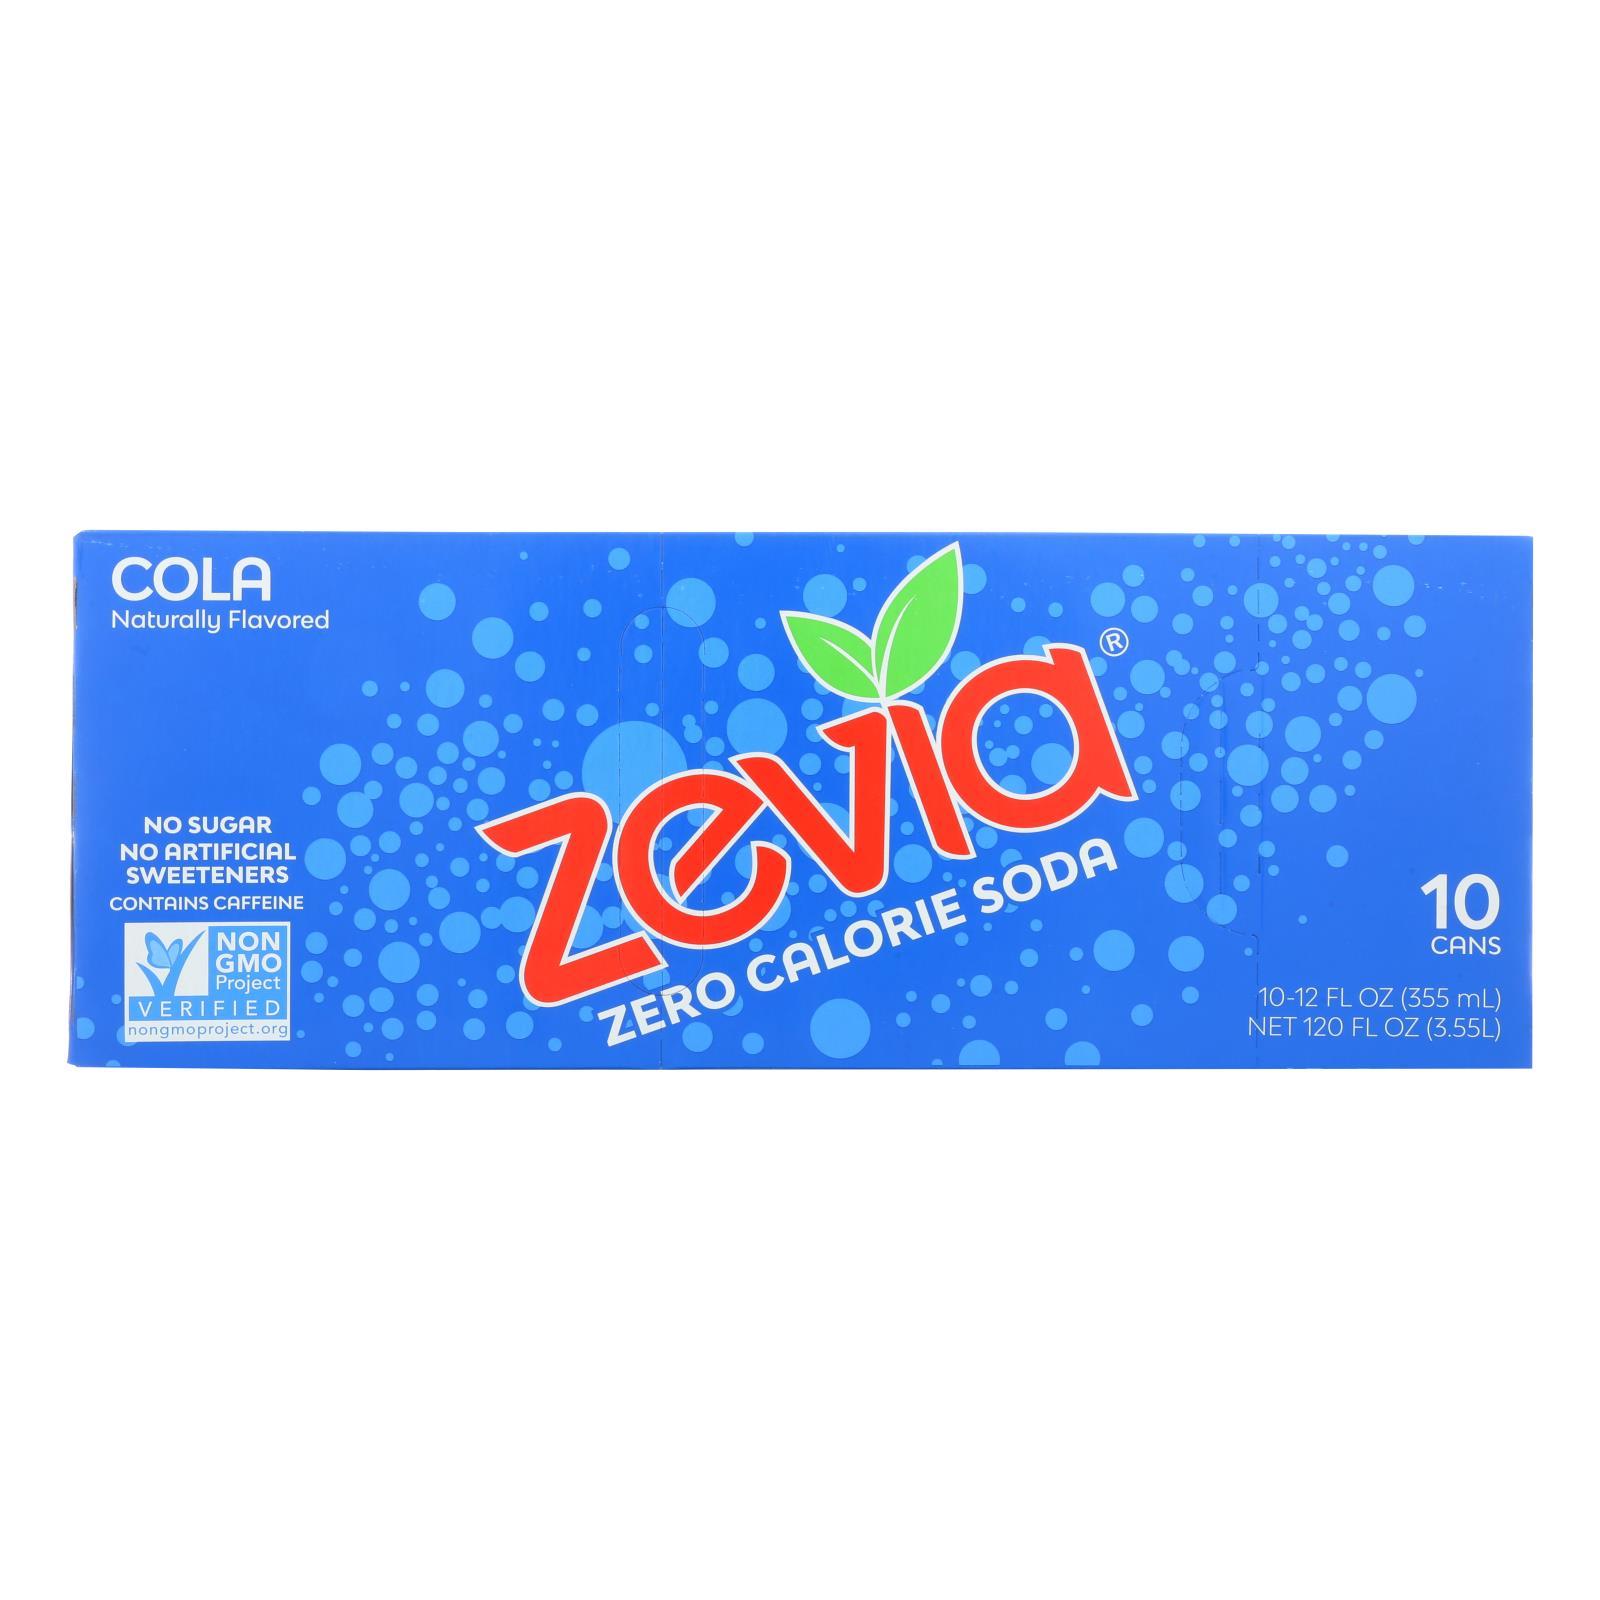 Zevia Zero Calorie Soda - Cola - Case of 2 - 12 Fl oz.